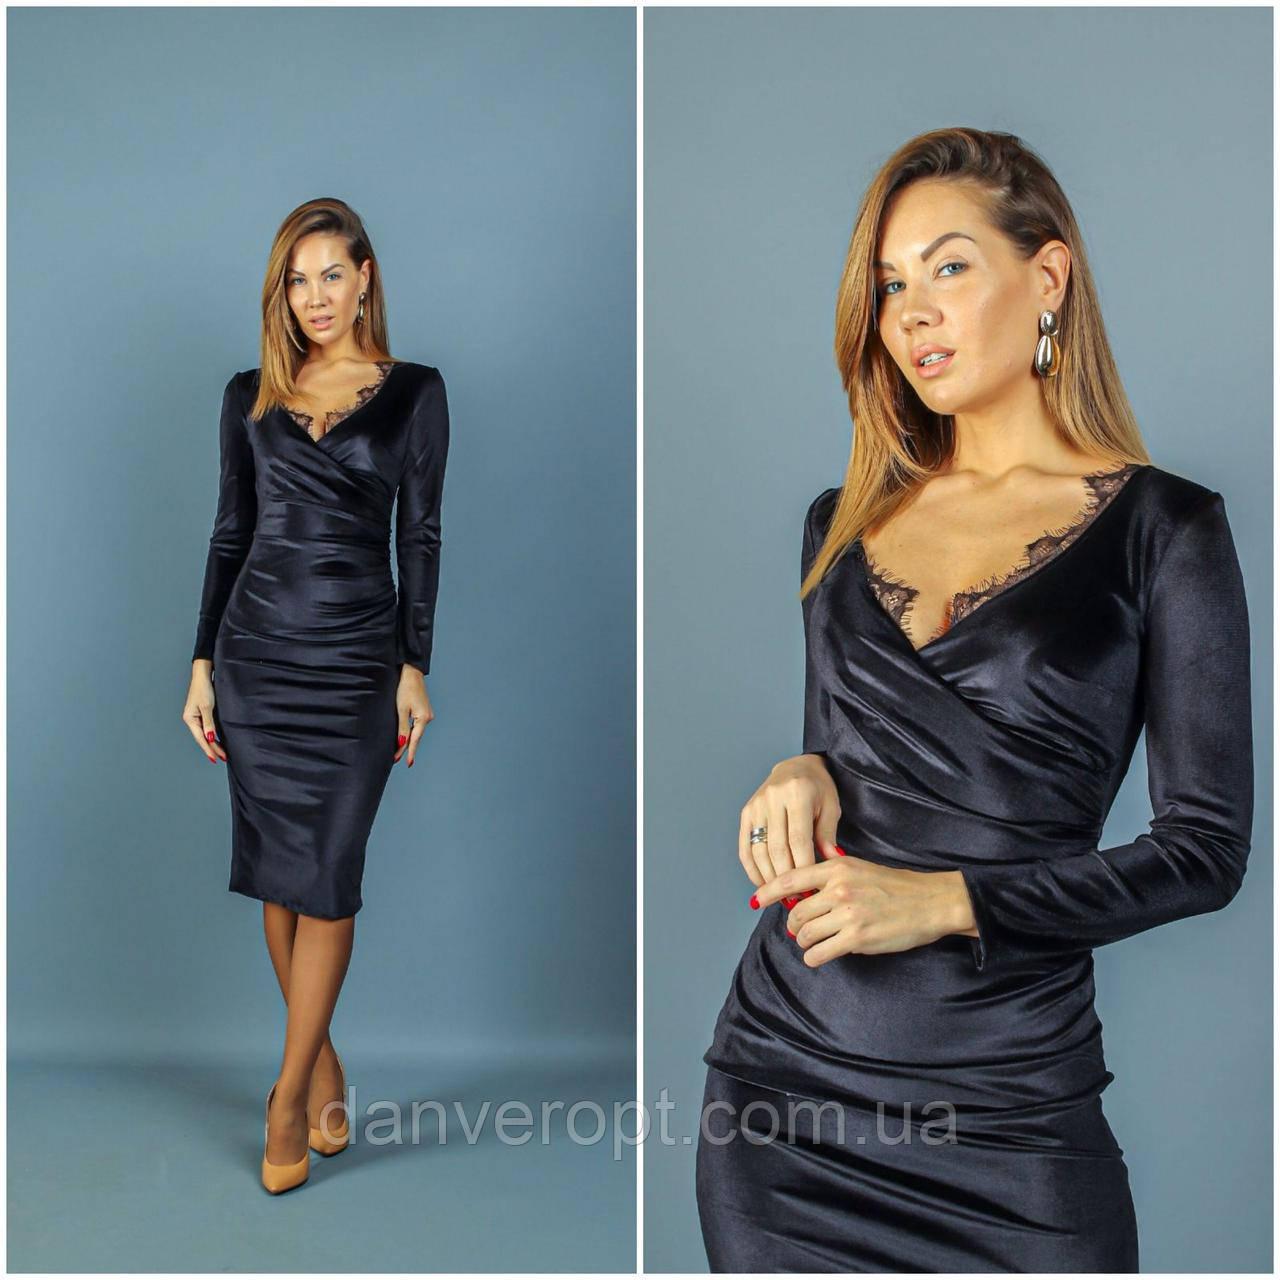 Сукня жіноча модна стильне розмір 42-48 купити оптом зі складу 7км Одеса